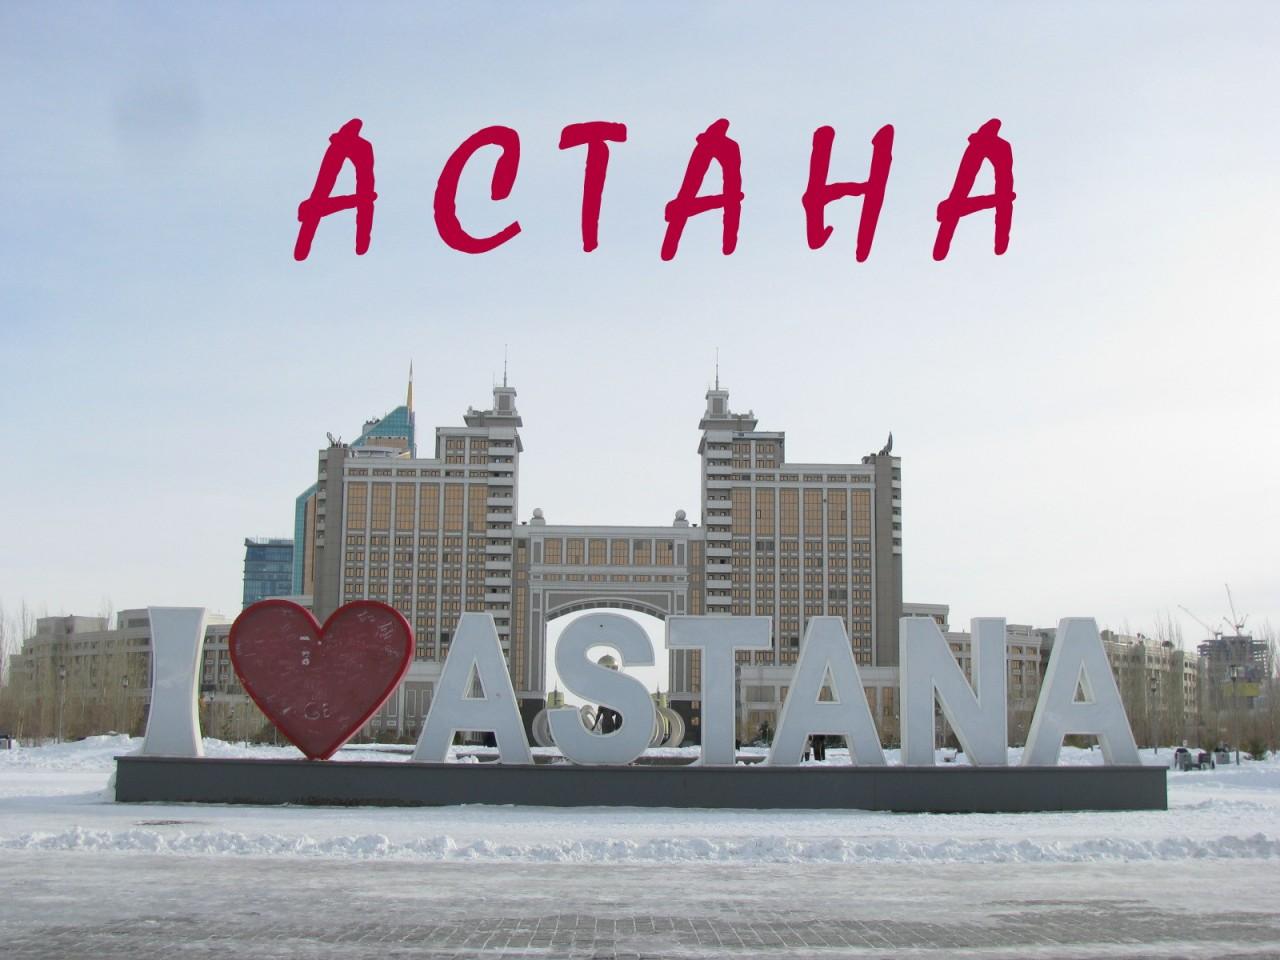 Путешествие, длиною в жизнь - 3: Астана, Казахстан